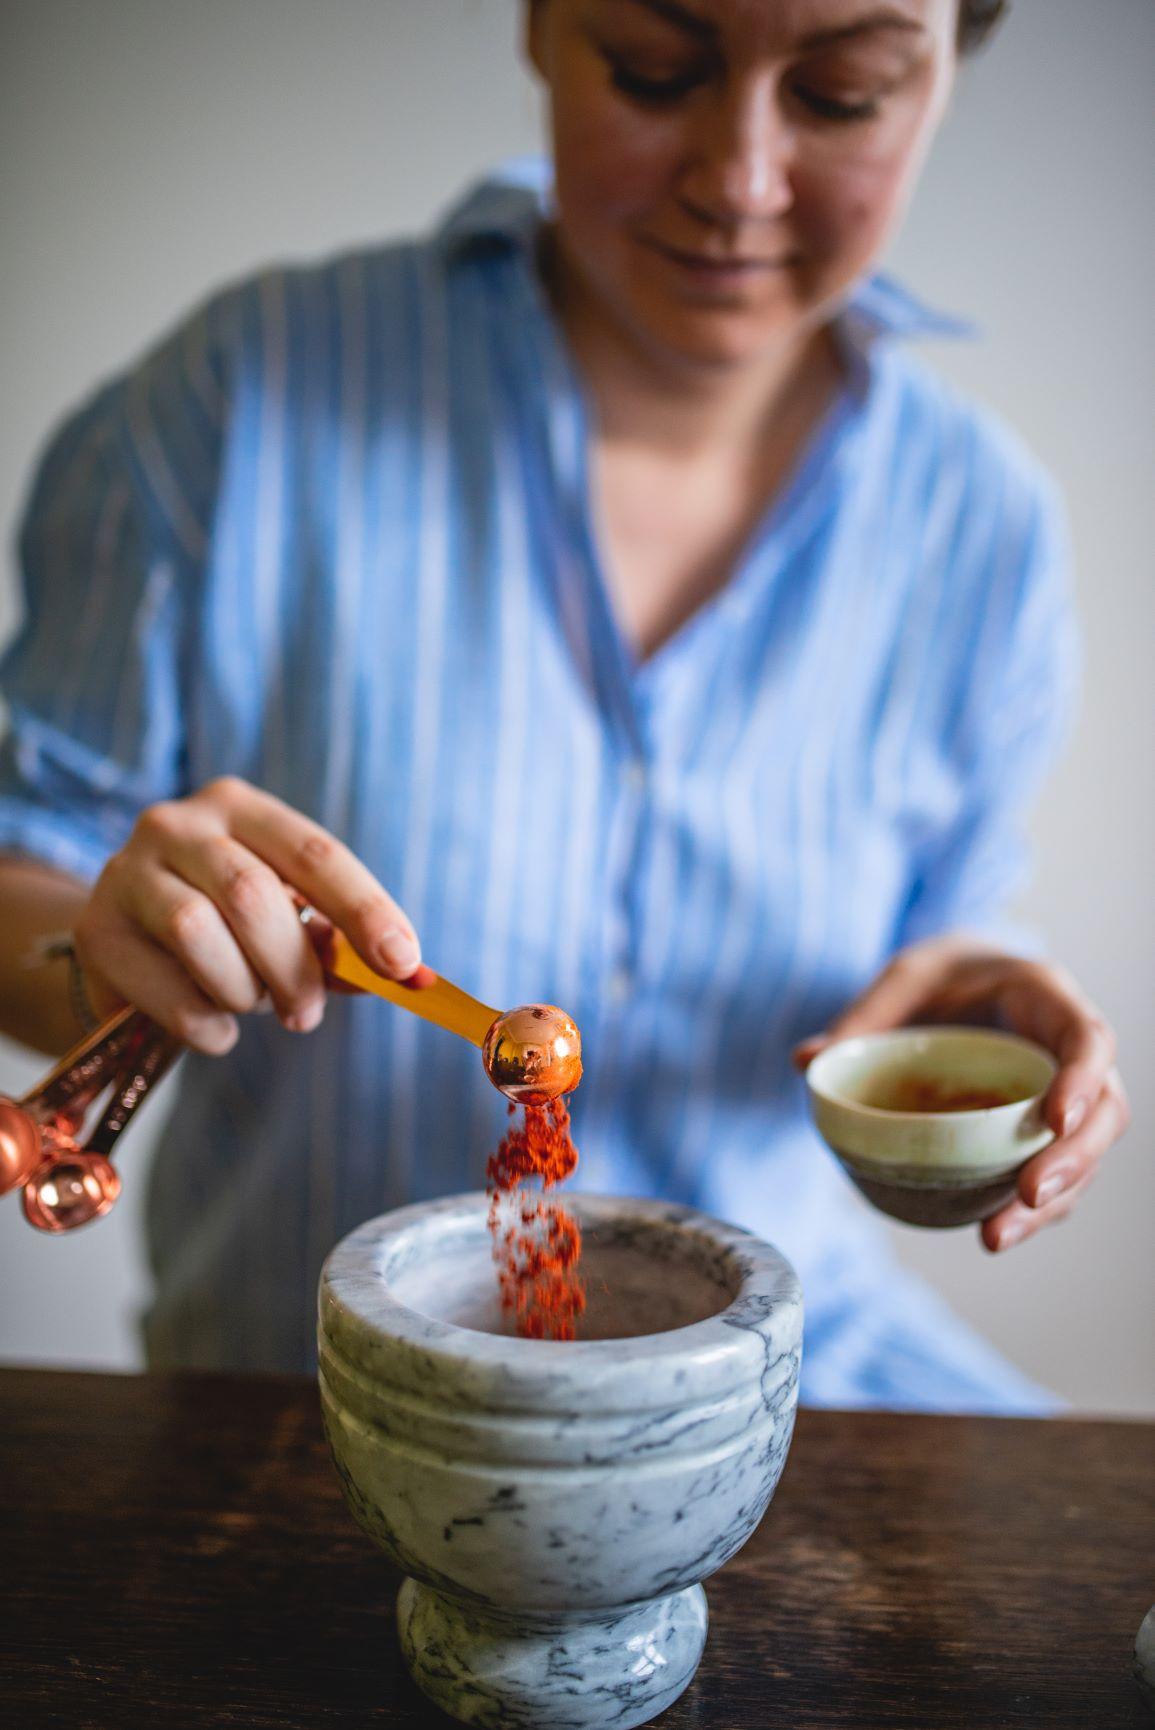 Naturalne ręcznie robione kadzidła stożkowe Powstają z pudrów drzewnych i roślinnych oraz żywic Jak z nich korzystać? Podpalone kadzidełko postaw na talerzyku lub w miseczce możesz wsypać do naczynia wcześniej trochę piasku lub soli i po prostu ciesz się egzotycznym zapachem Całość powinna się spalić w przeciągu piętnastu minut Jeżeli zapach jest zbyt intensywny zawsze możesz zgasić kadzidełko i zapalić je ponownie Jeżeli przygaśnie ponownie je podpal Kadzidełka sprzedaję na sztuki pakuję je w papierowe torebki przy zakupie większej ilości w metalową puszkę Który zapach wybrać? Drzewo sandałowe z kadzidłowcem ma wyraźny żywiczny zapach niektórym ten zapach kojarzy się z kościołem Drzewo sandałowe z patchouli jest egzotyczne wyczujesz w nim słodkawy orientalny aromat podkreślony również delikatnym akcentem żywicy nazywanej smoczą krwią Drzewo sandałowe z cynamonem i kardamonem zapach który przypomina trochę egzotyczny bazar mieszają się tu zapachy egzotycznych przypraw: cynamonu goździk